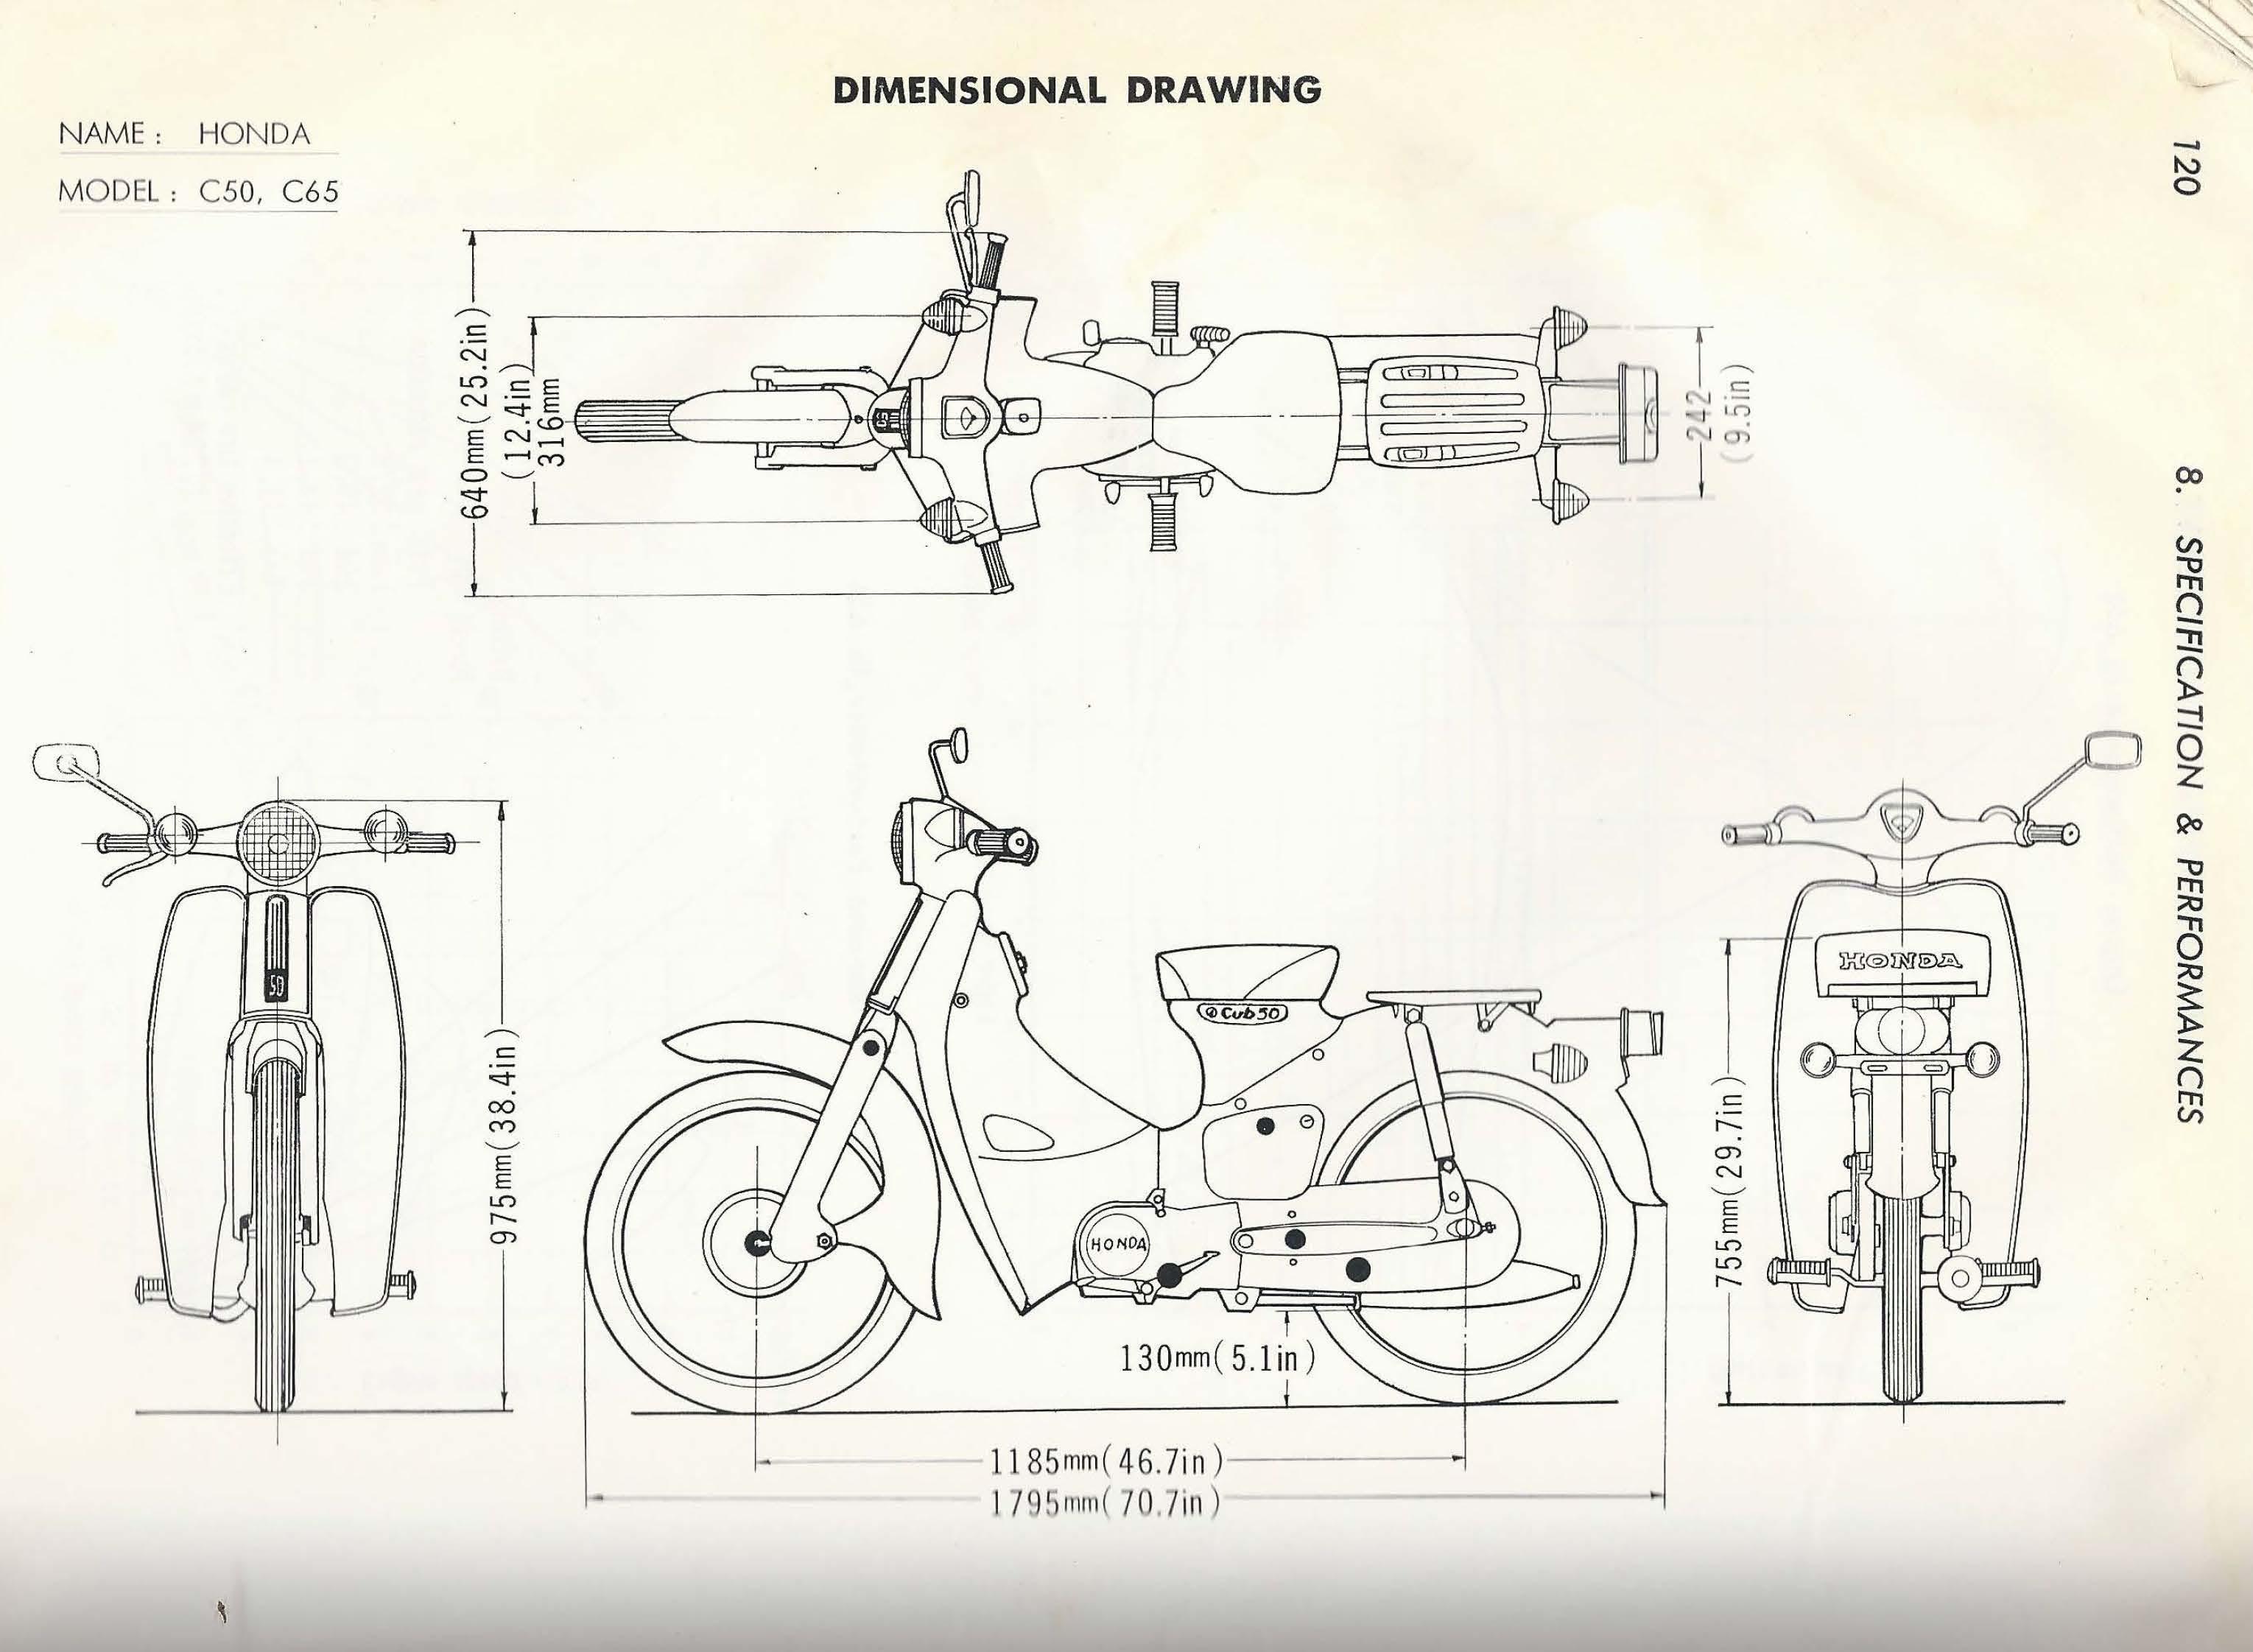 [XOTG_4463]  XB_4017] Honda C65 Electrical Car Wiring Diagram | Honda C90 Wiring Diagram |  | Impa Viewor Mohammedshrine Librar Wiring 101